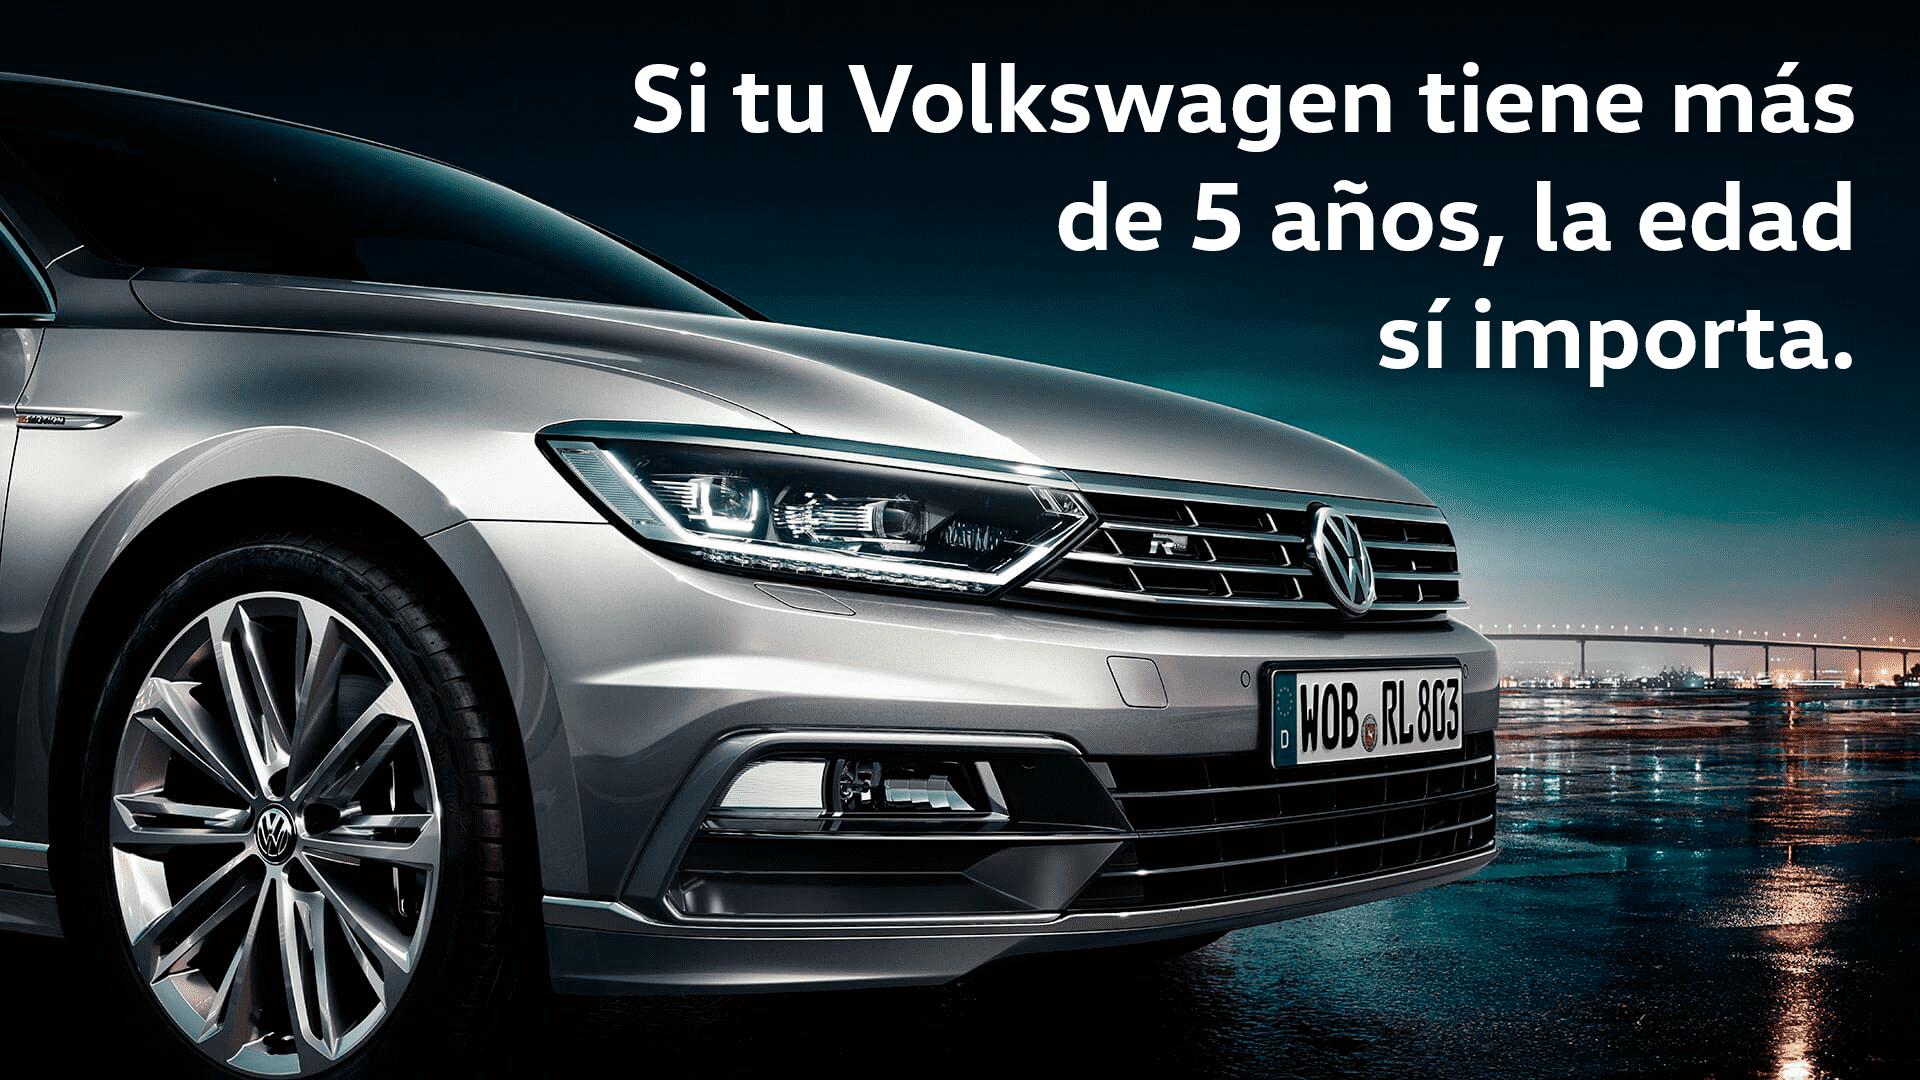 En Garaje Dalmau LA EDAD SI IMPORTA. Campaña VW SERVICE 2019